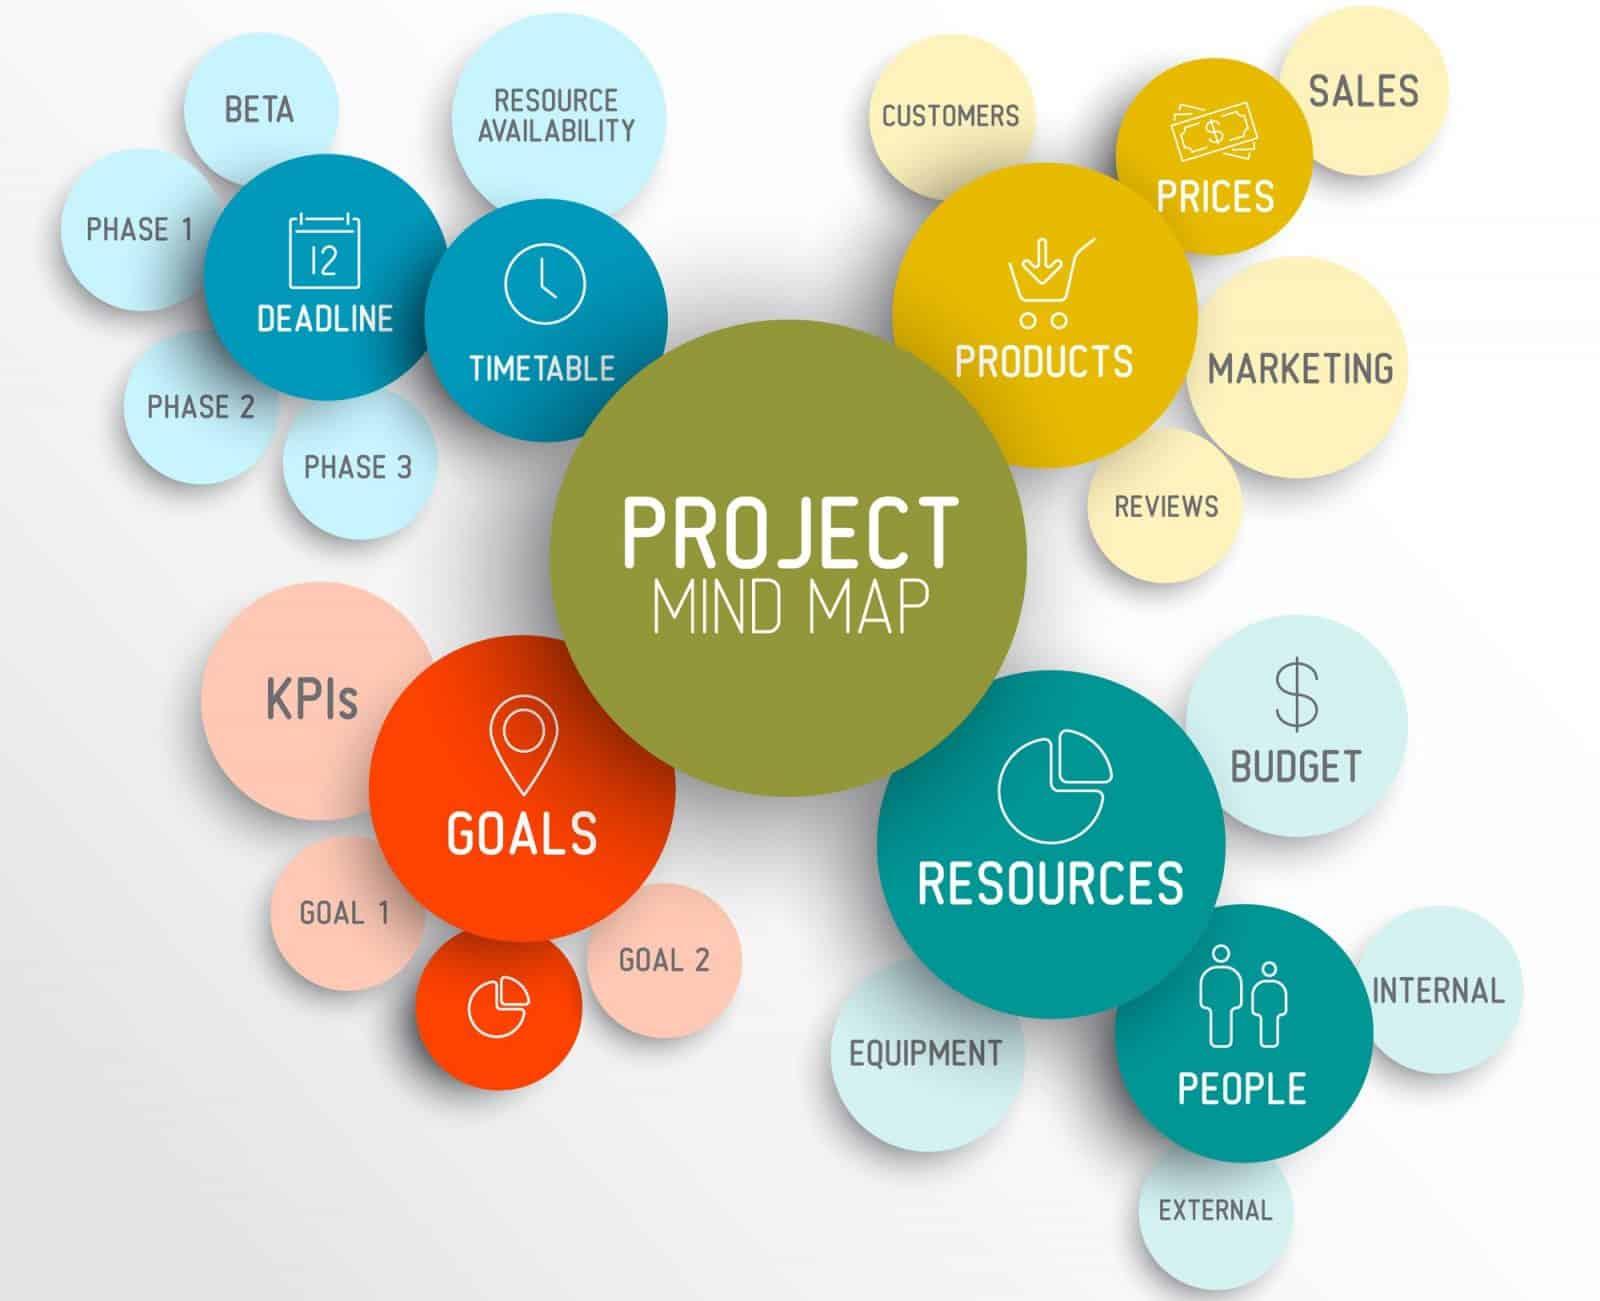 Project management mindmap scheme concept